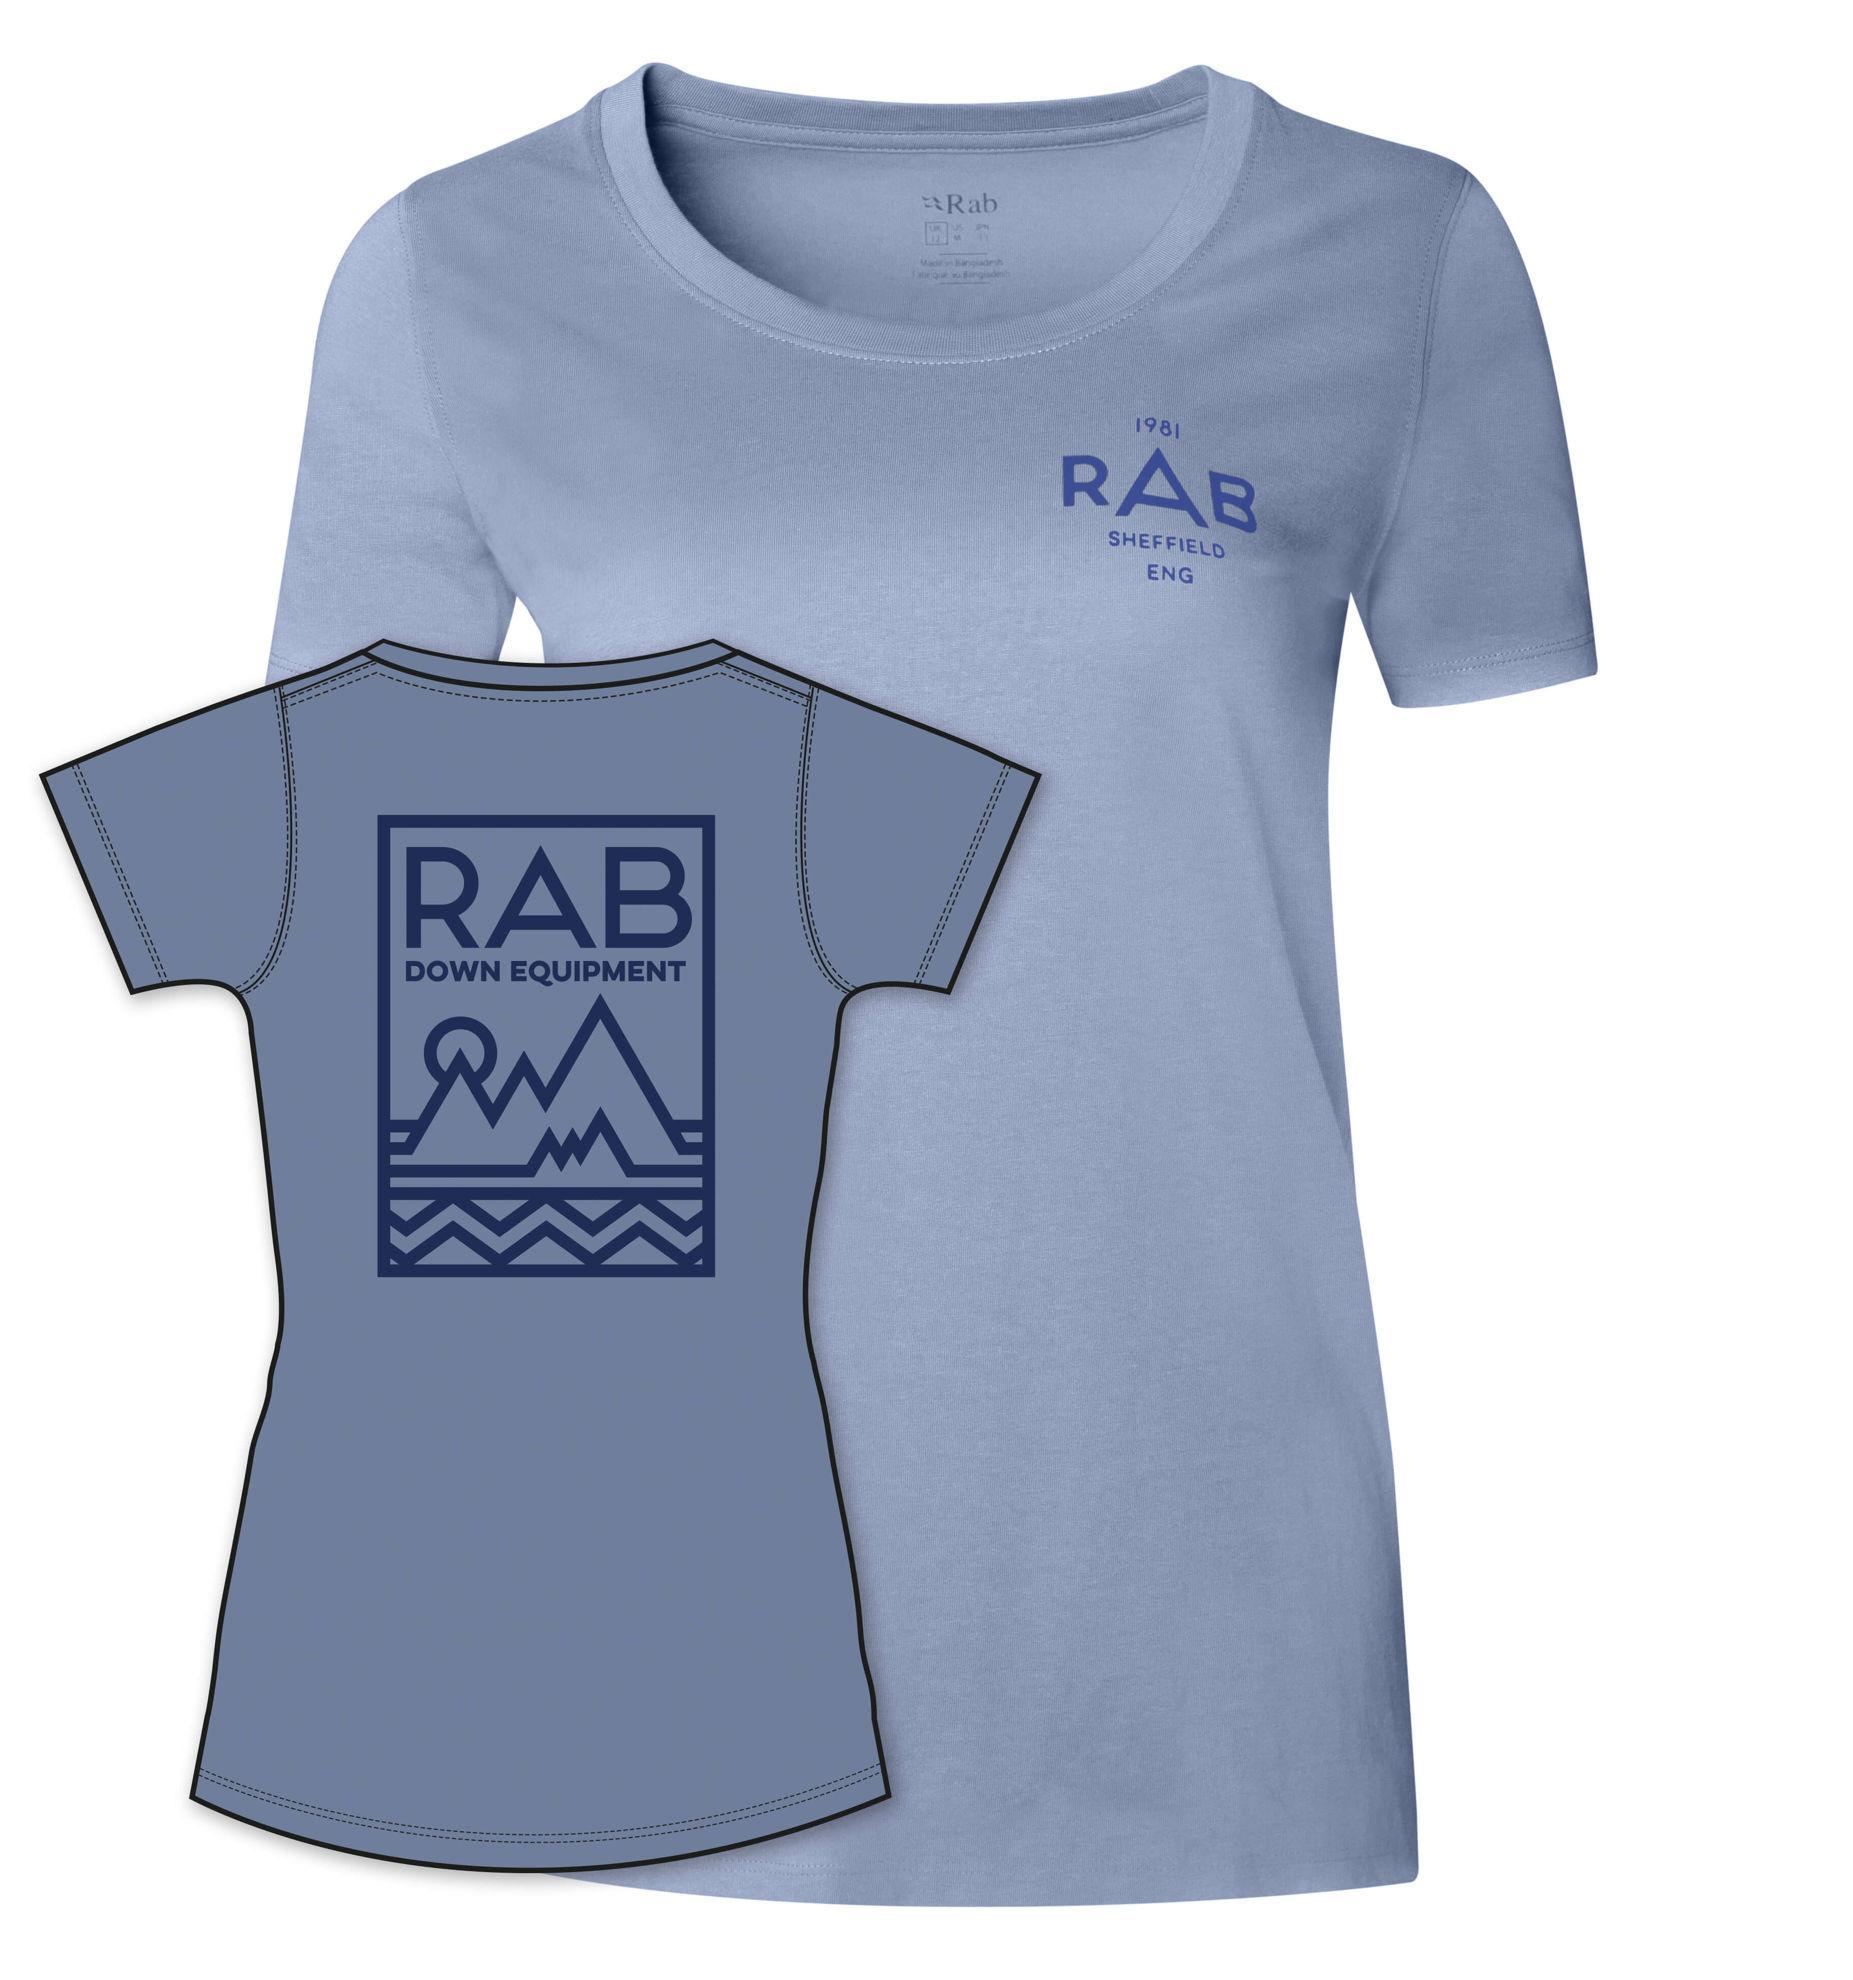 Blå T-skjorte til dame med logo på ryggen